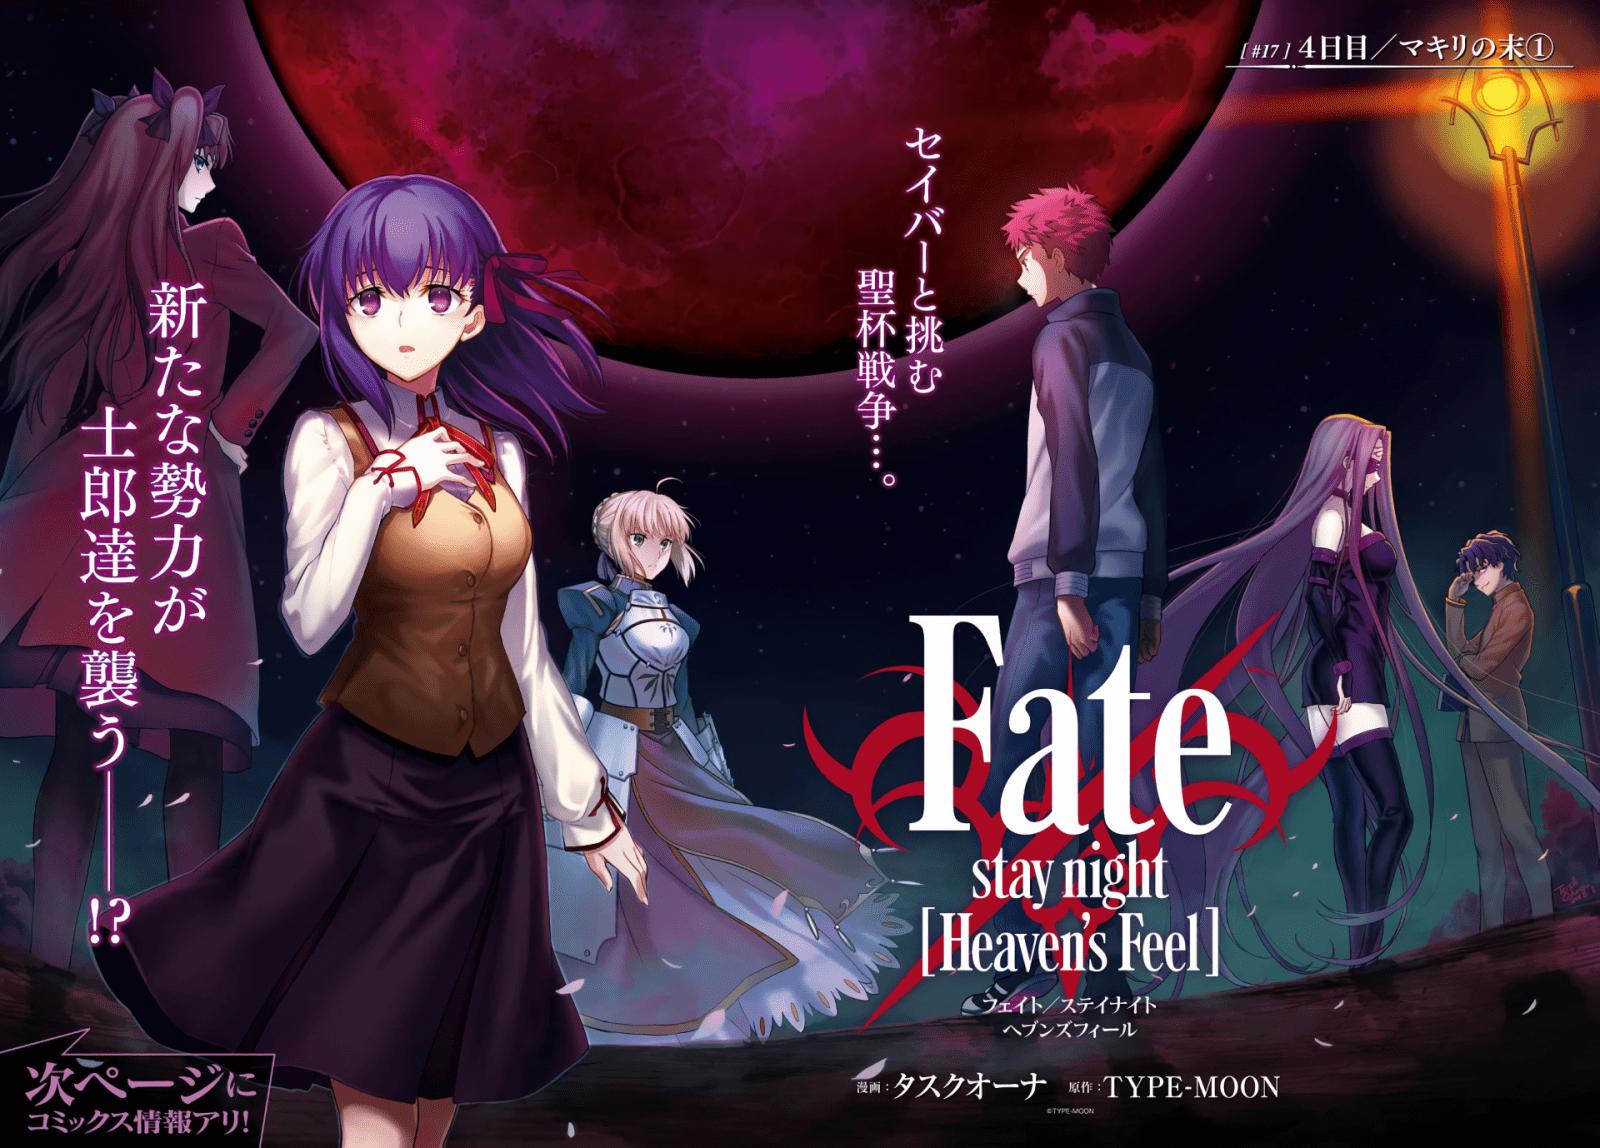 Fate-Stay-Night-Heaven's-Feel